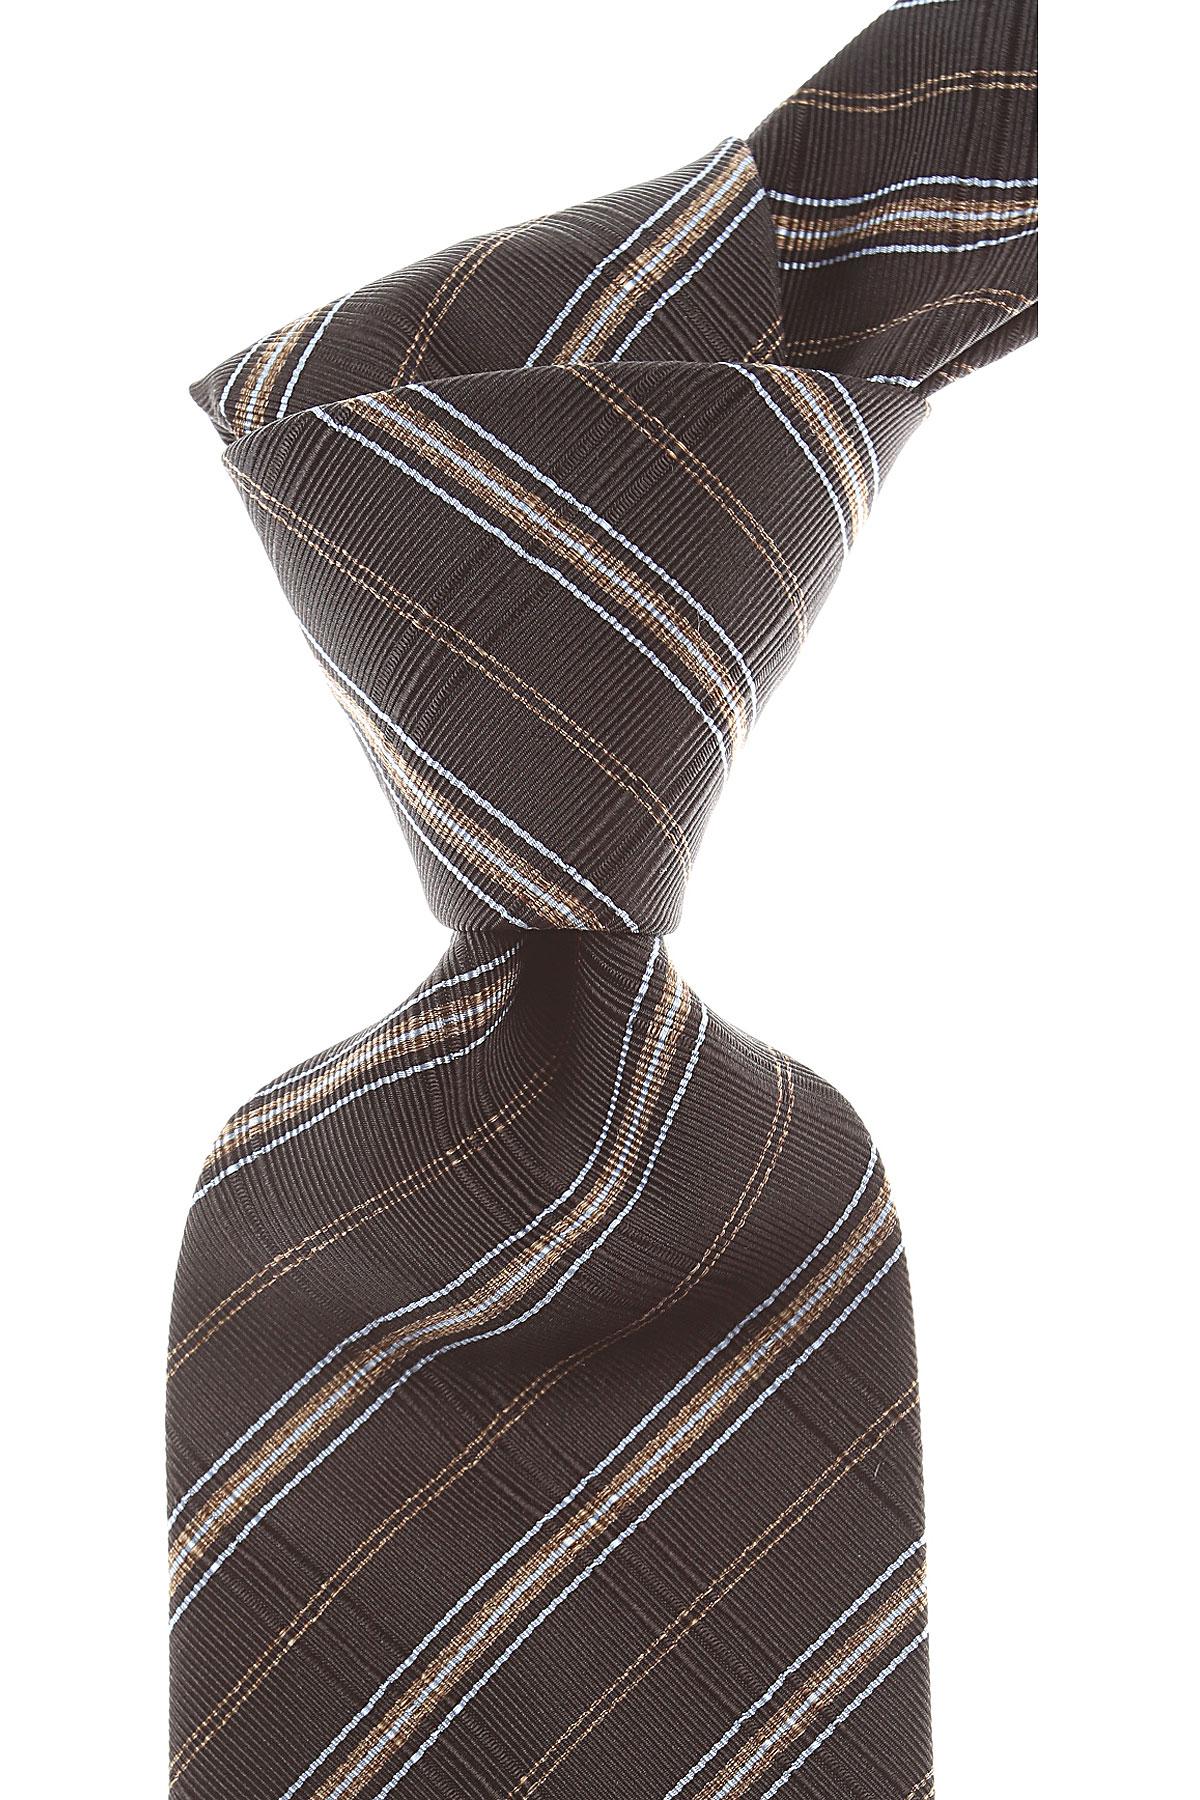 Costume National Ties On Sale, Ebony, Silk, 2019